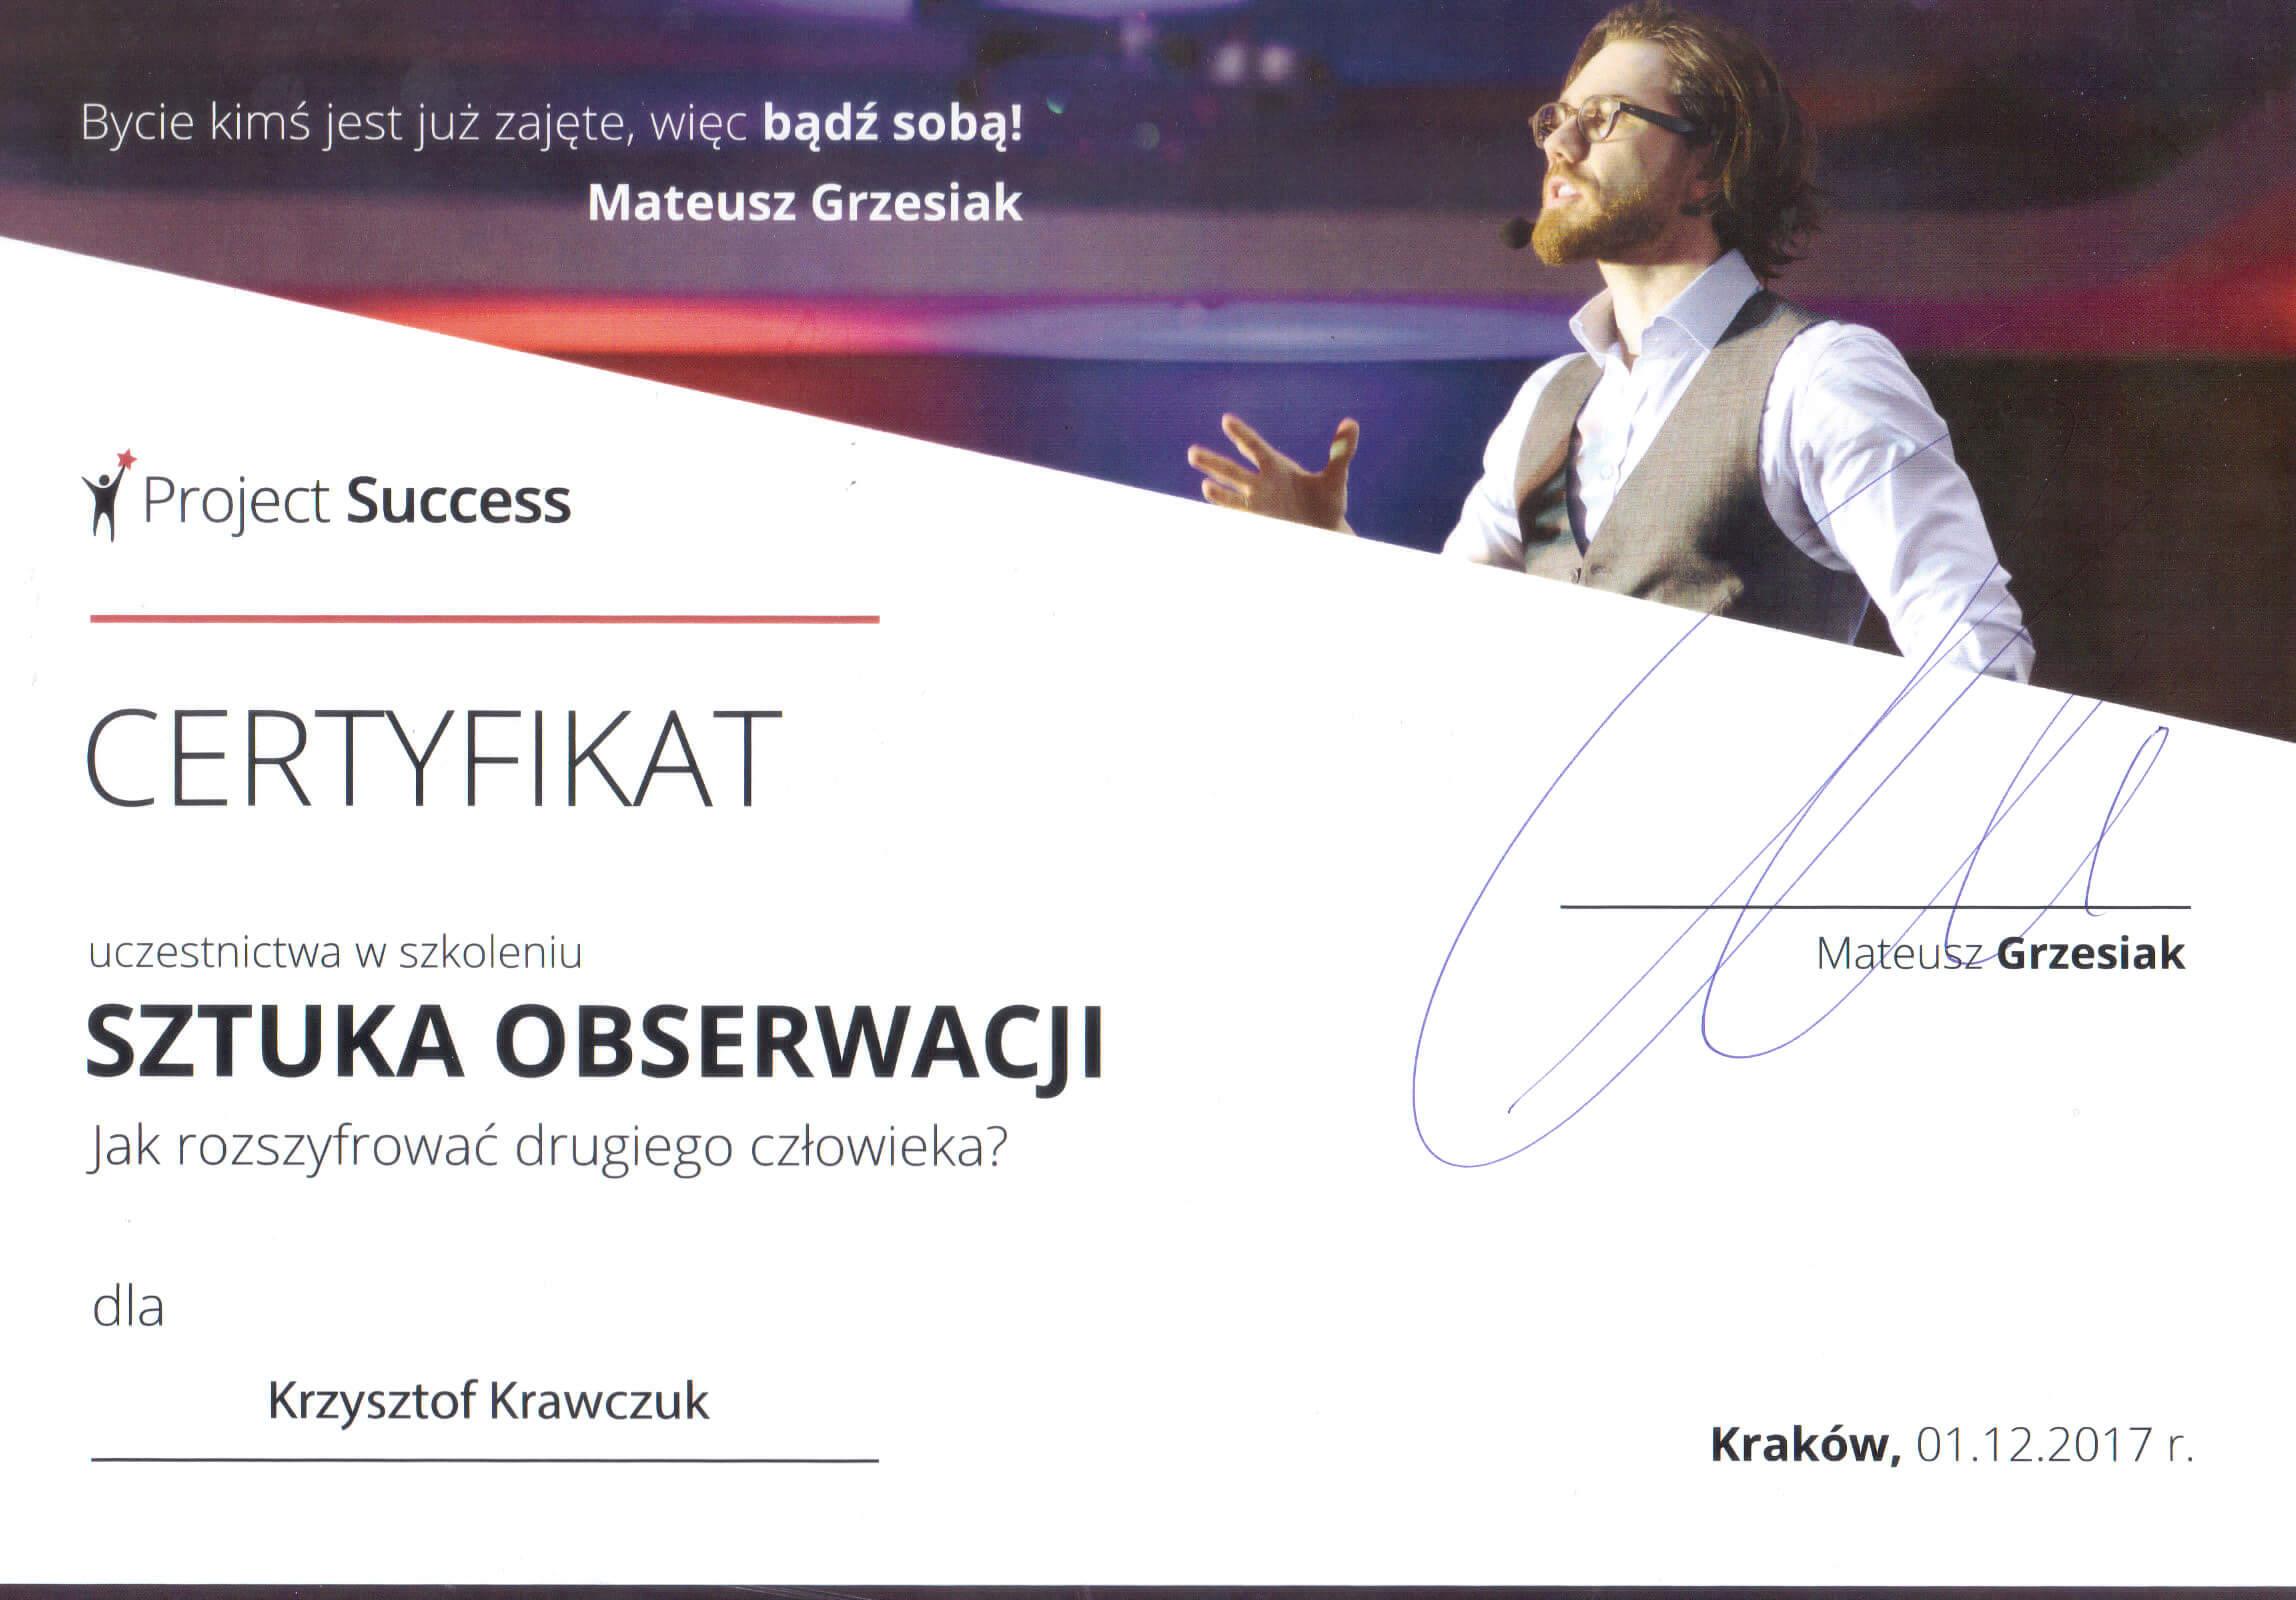 Certyfikat Sztuka obserwacji